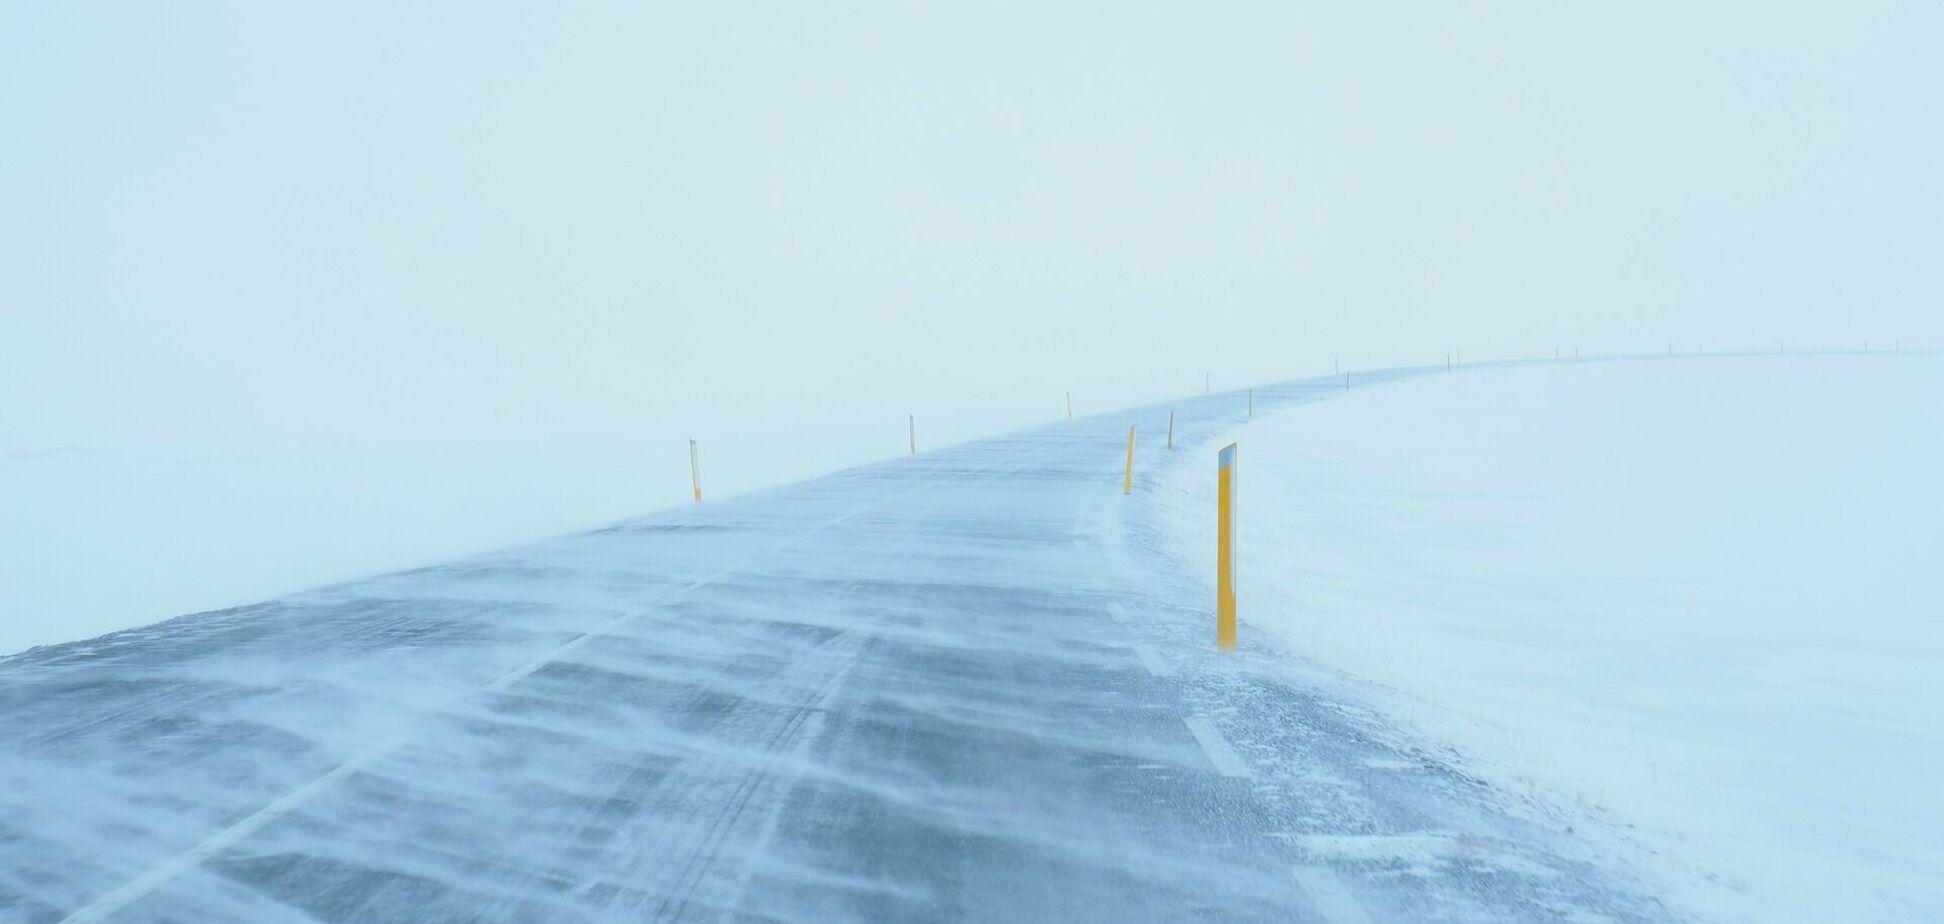 Еще два циклона принесут в Украину осадки и похолодание: синоптик назвала даты